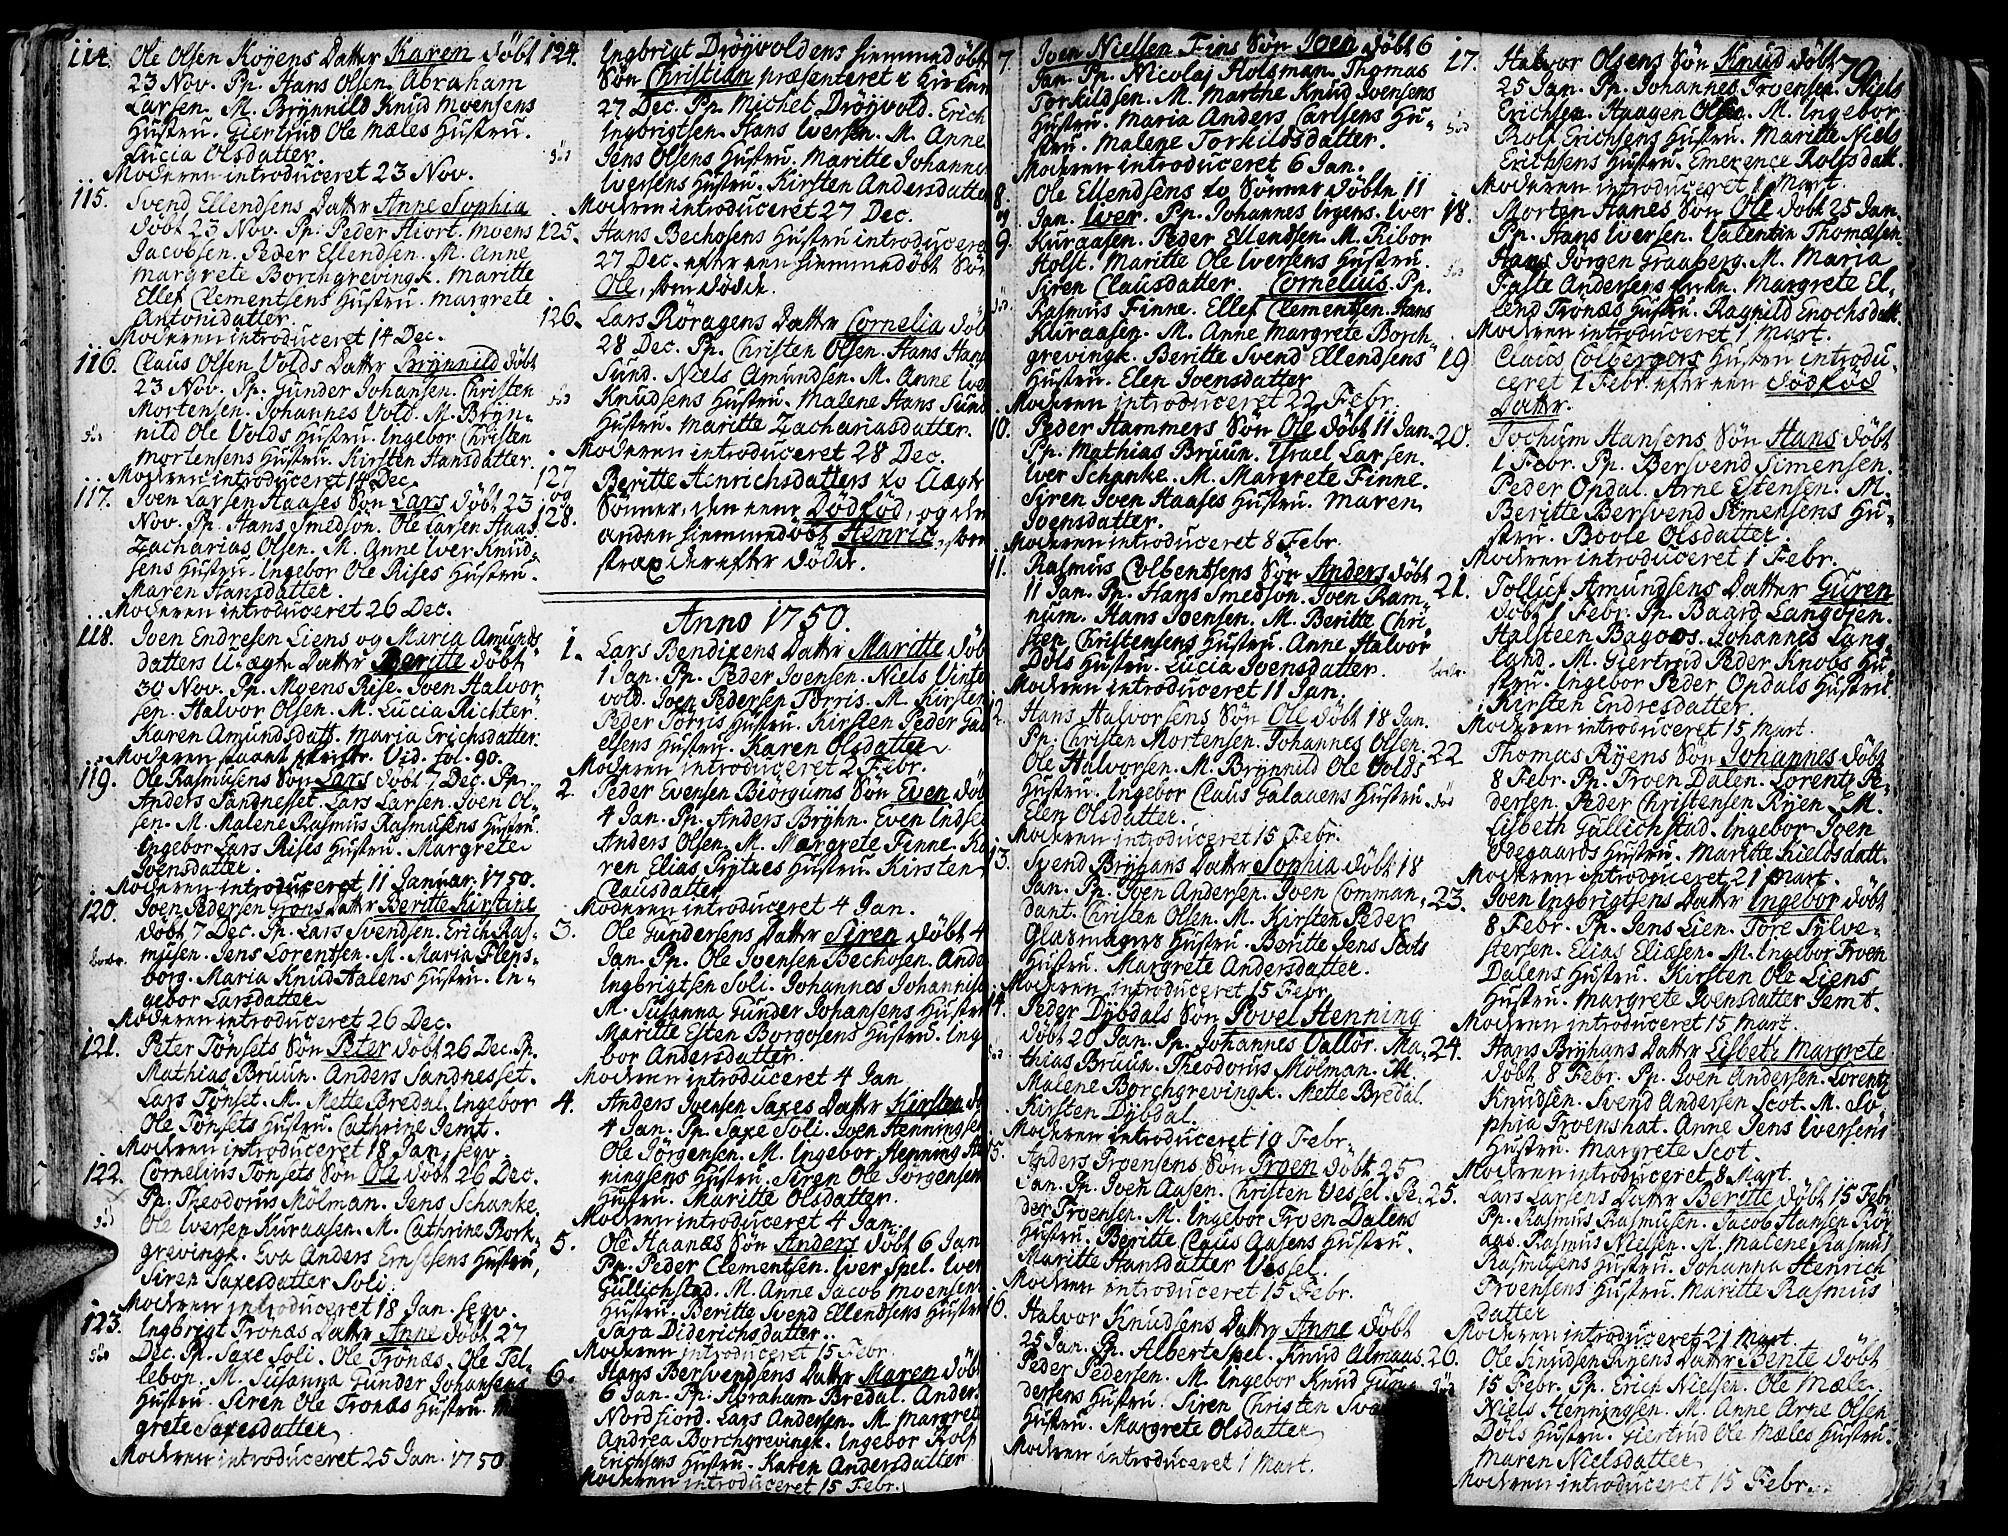 SAT, Ministerialprotokoller, klokkerbøker og fødselsregistre - Sør-Trøndelag, 681/L0925: Ministerialbok nr. 681A03, 1727-1766, s. 70